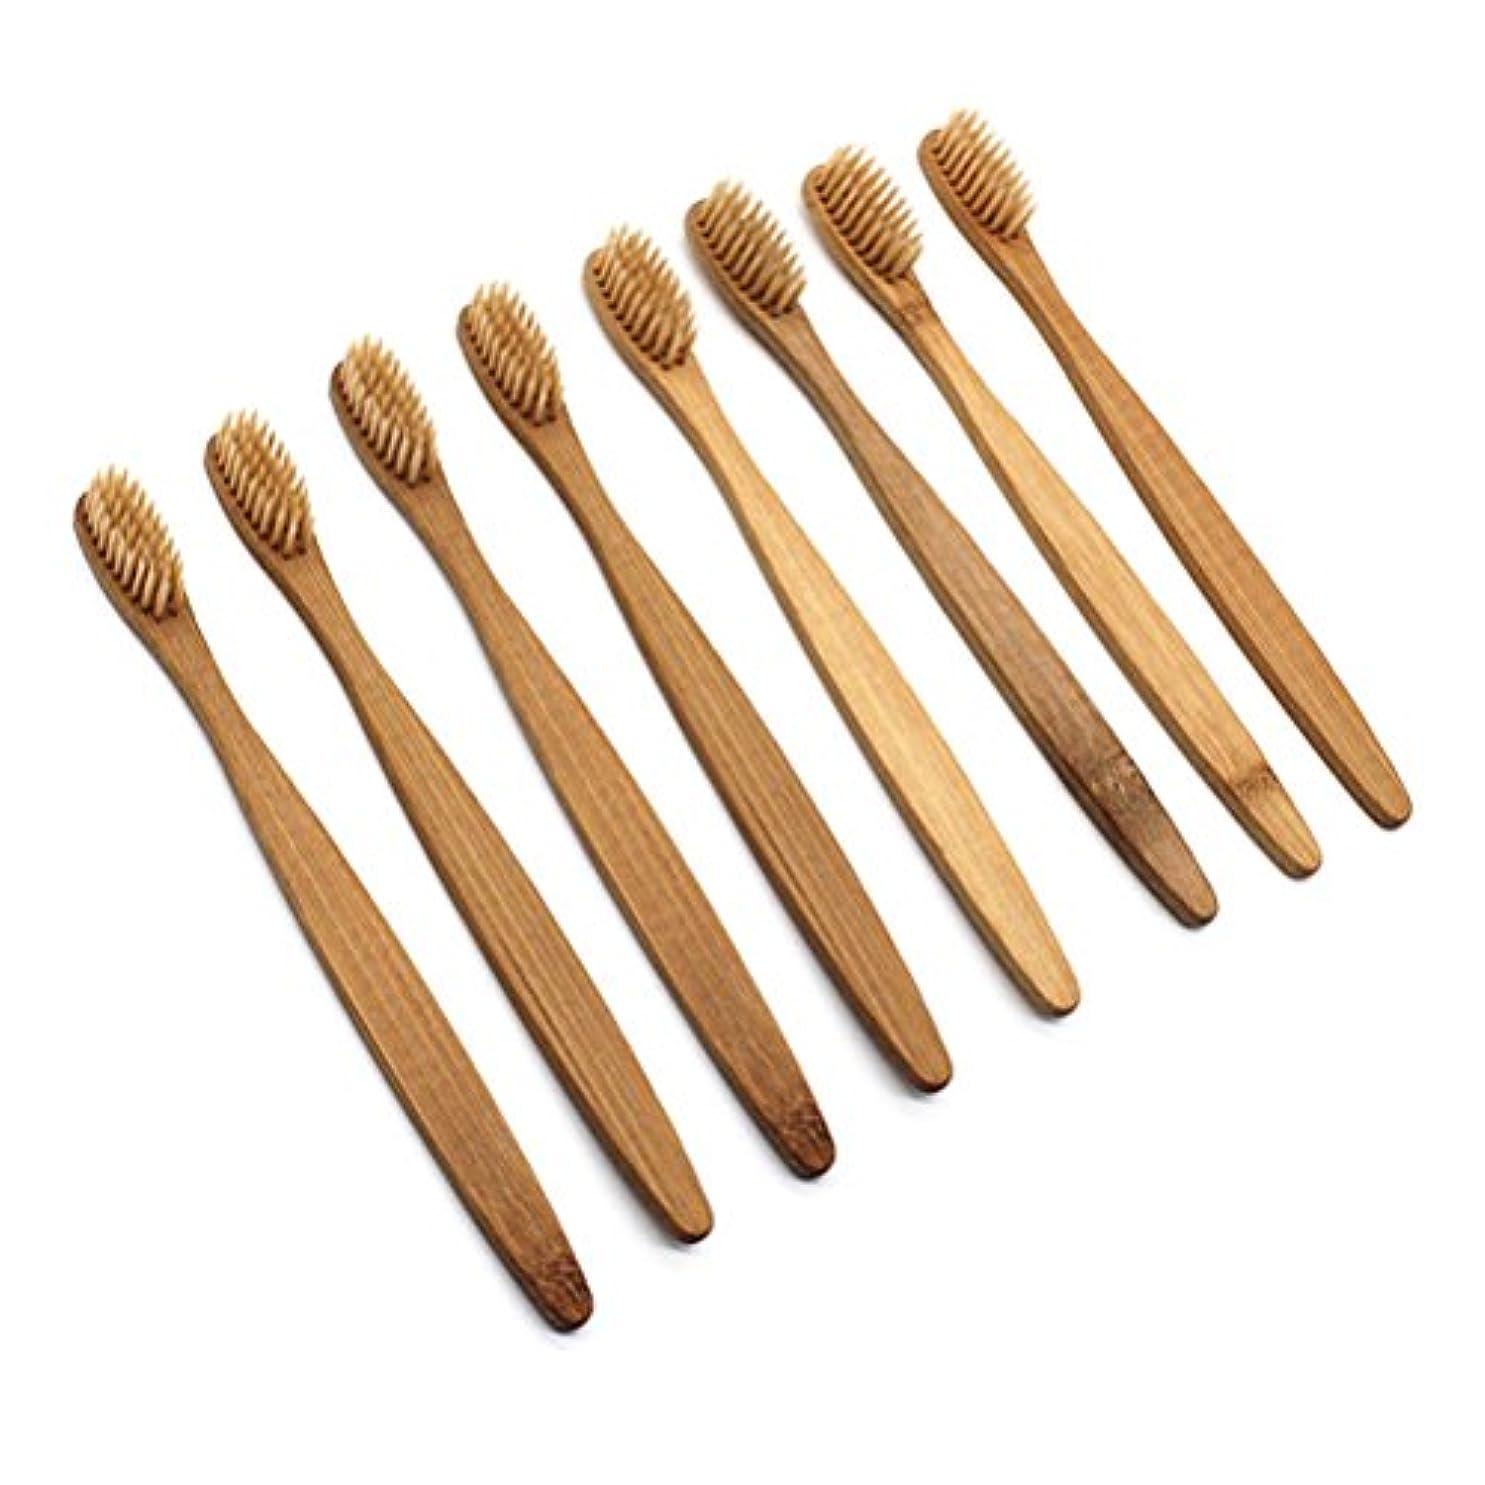 句読点研究所名義でHeallily 敏感な歯茎のための柔らかい剛毛が付いているタケ歯ブラシ16pcsの自然な木の歯ブラシ環境に優しい歯ブラシ